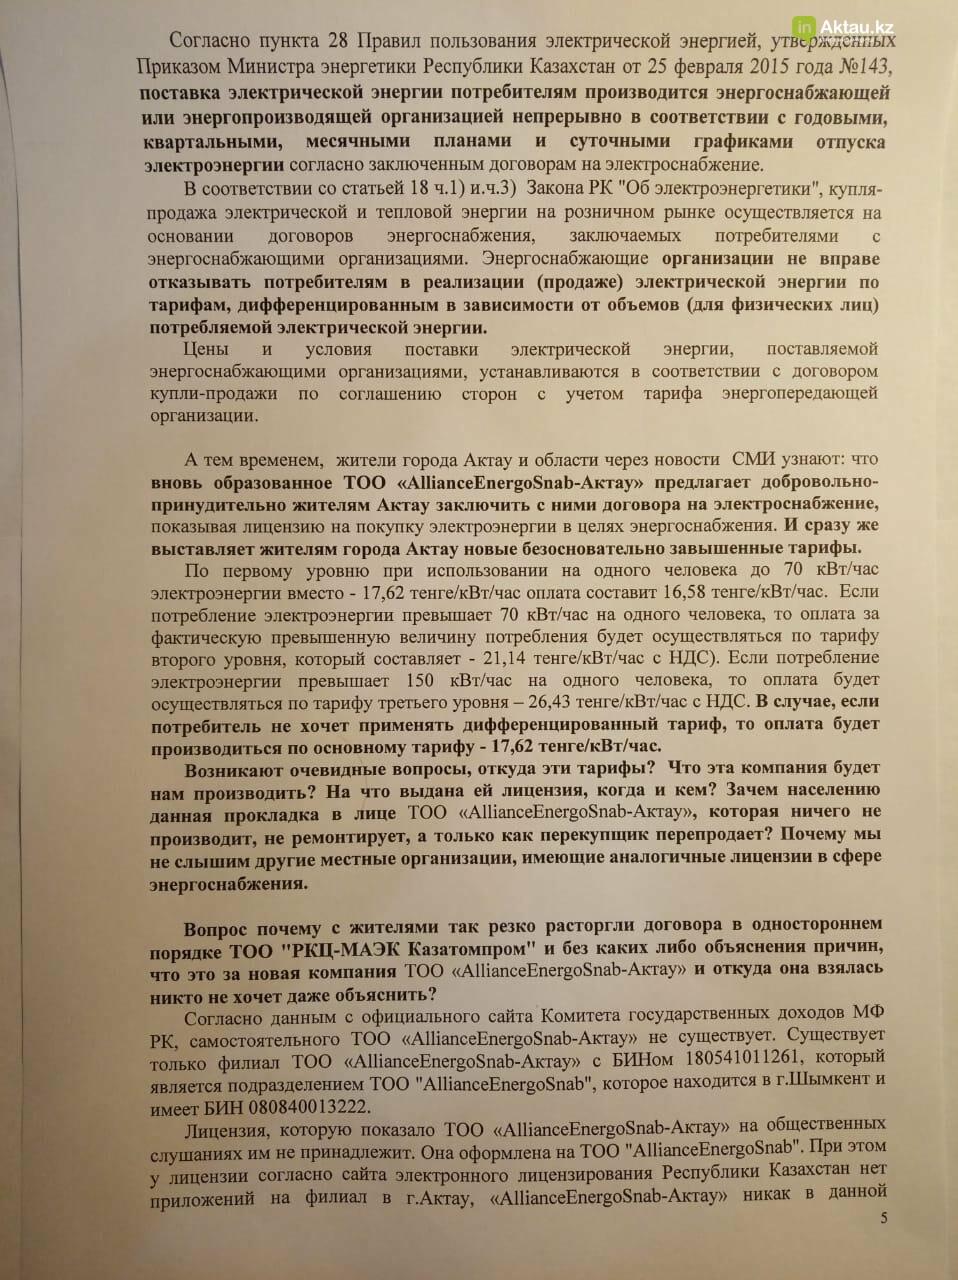 Открытое письмо Президенту написали актаусцы  по поводу новых тарифов на электроэнергию, фото-5